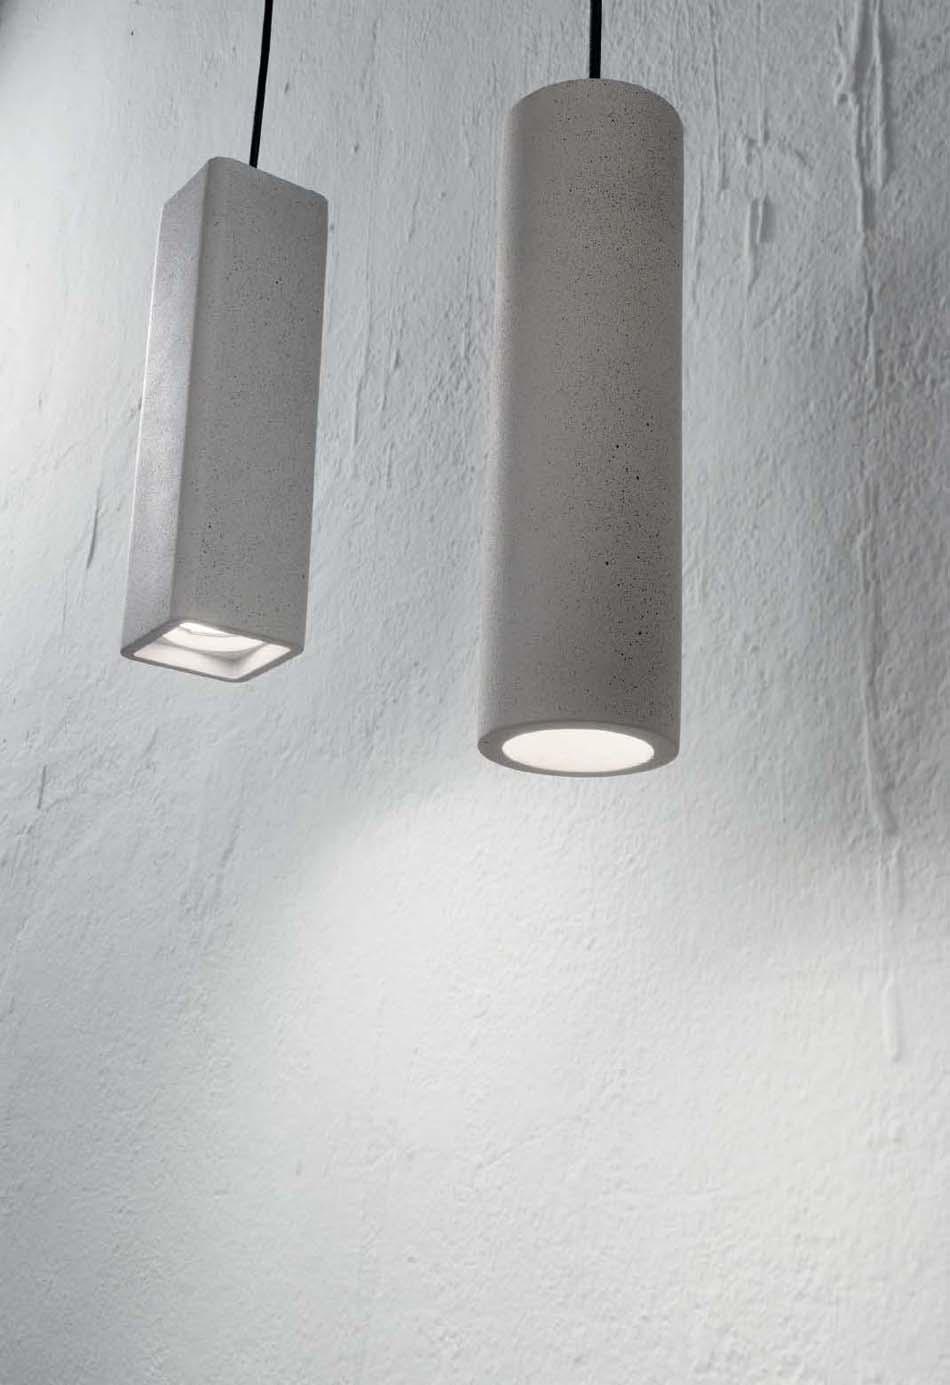 Lampade sospensione Ideal Lux oak – Bruni Arredamenti